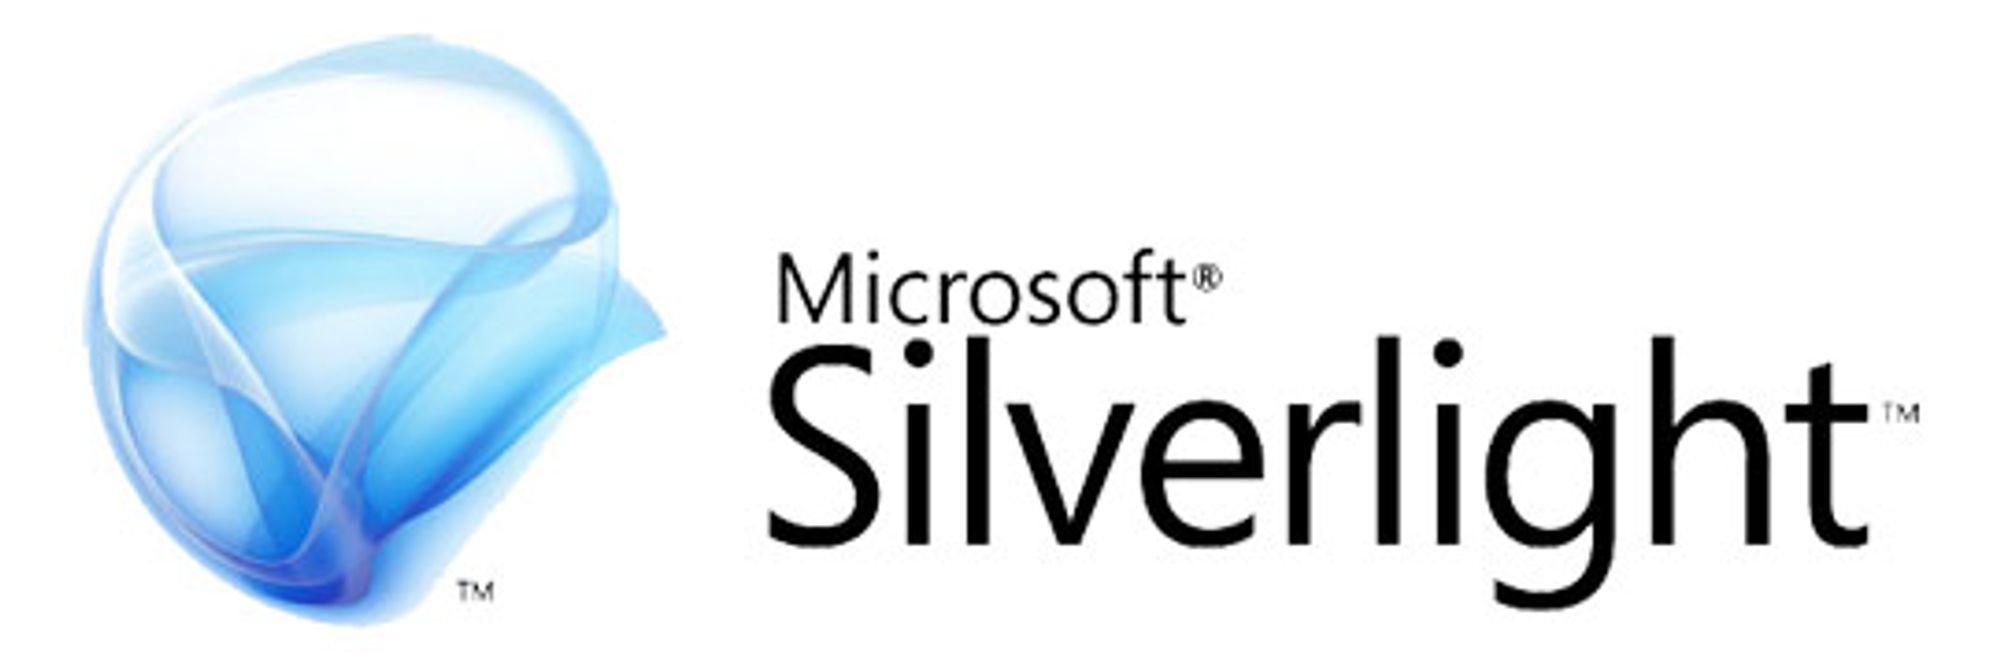 TelenorSilverlight-logoen. Bilde: Microsoft.